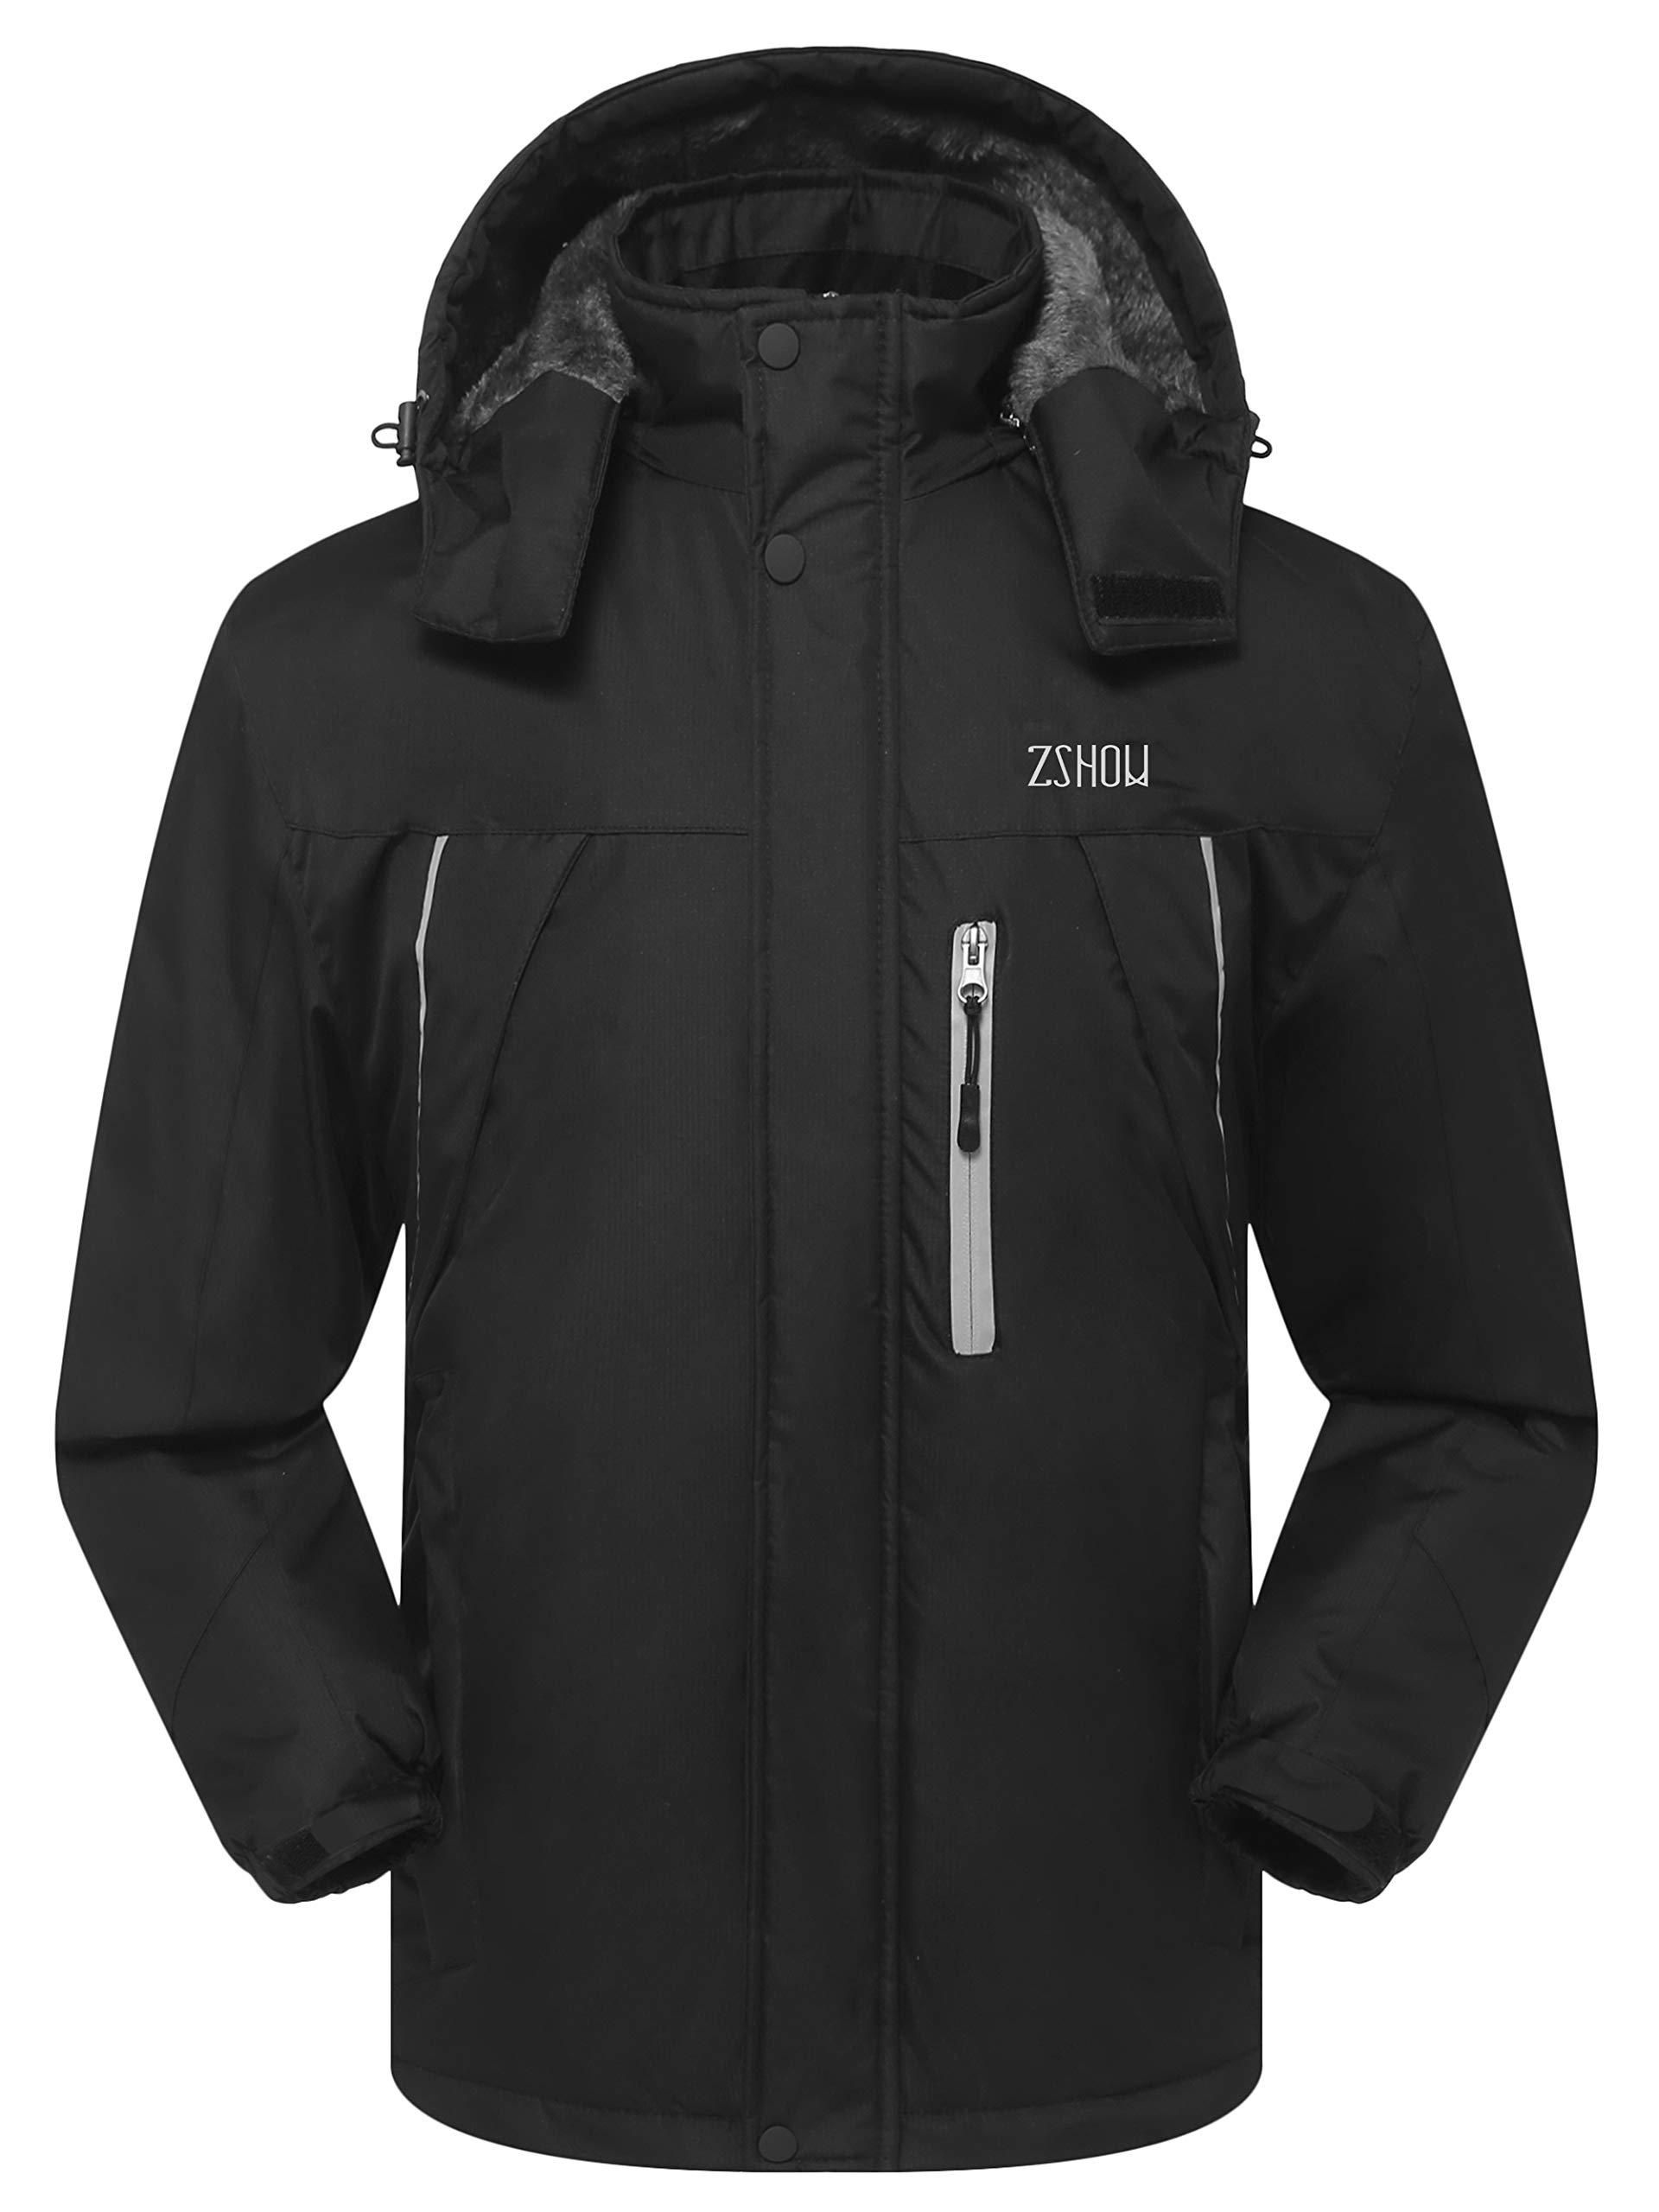 ZSHOW Men's Waterproof Ski Jacket Windproof Fleece Outdoor Insulated Mountain Snow Rain Jacket